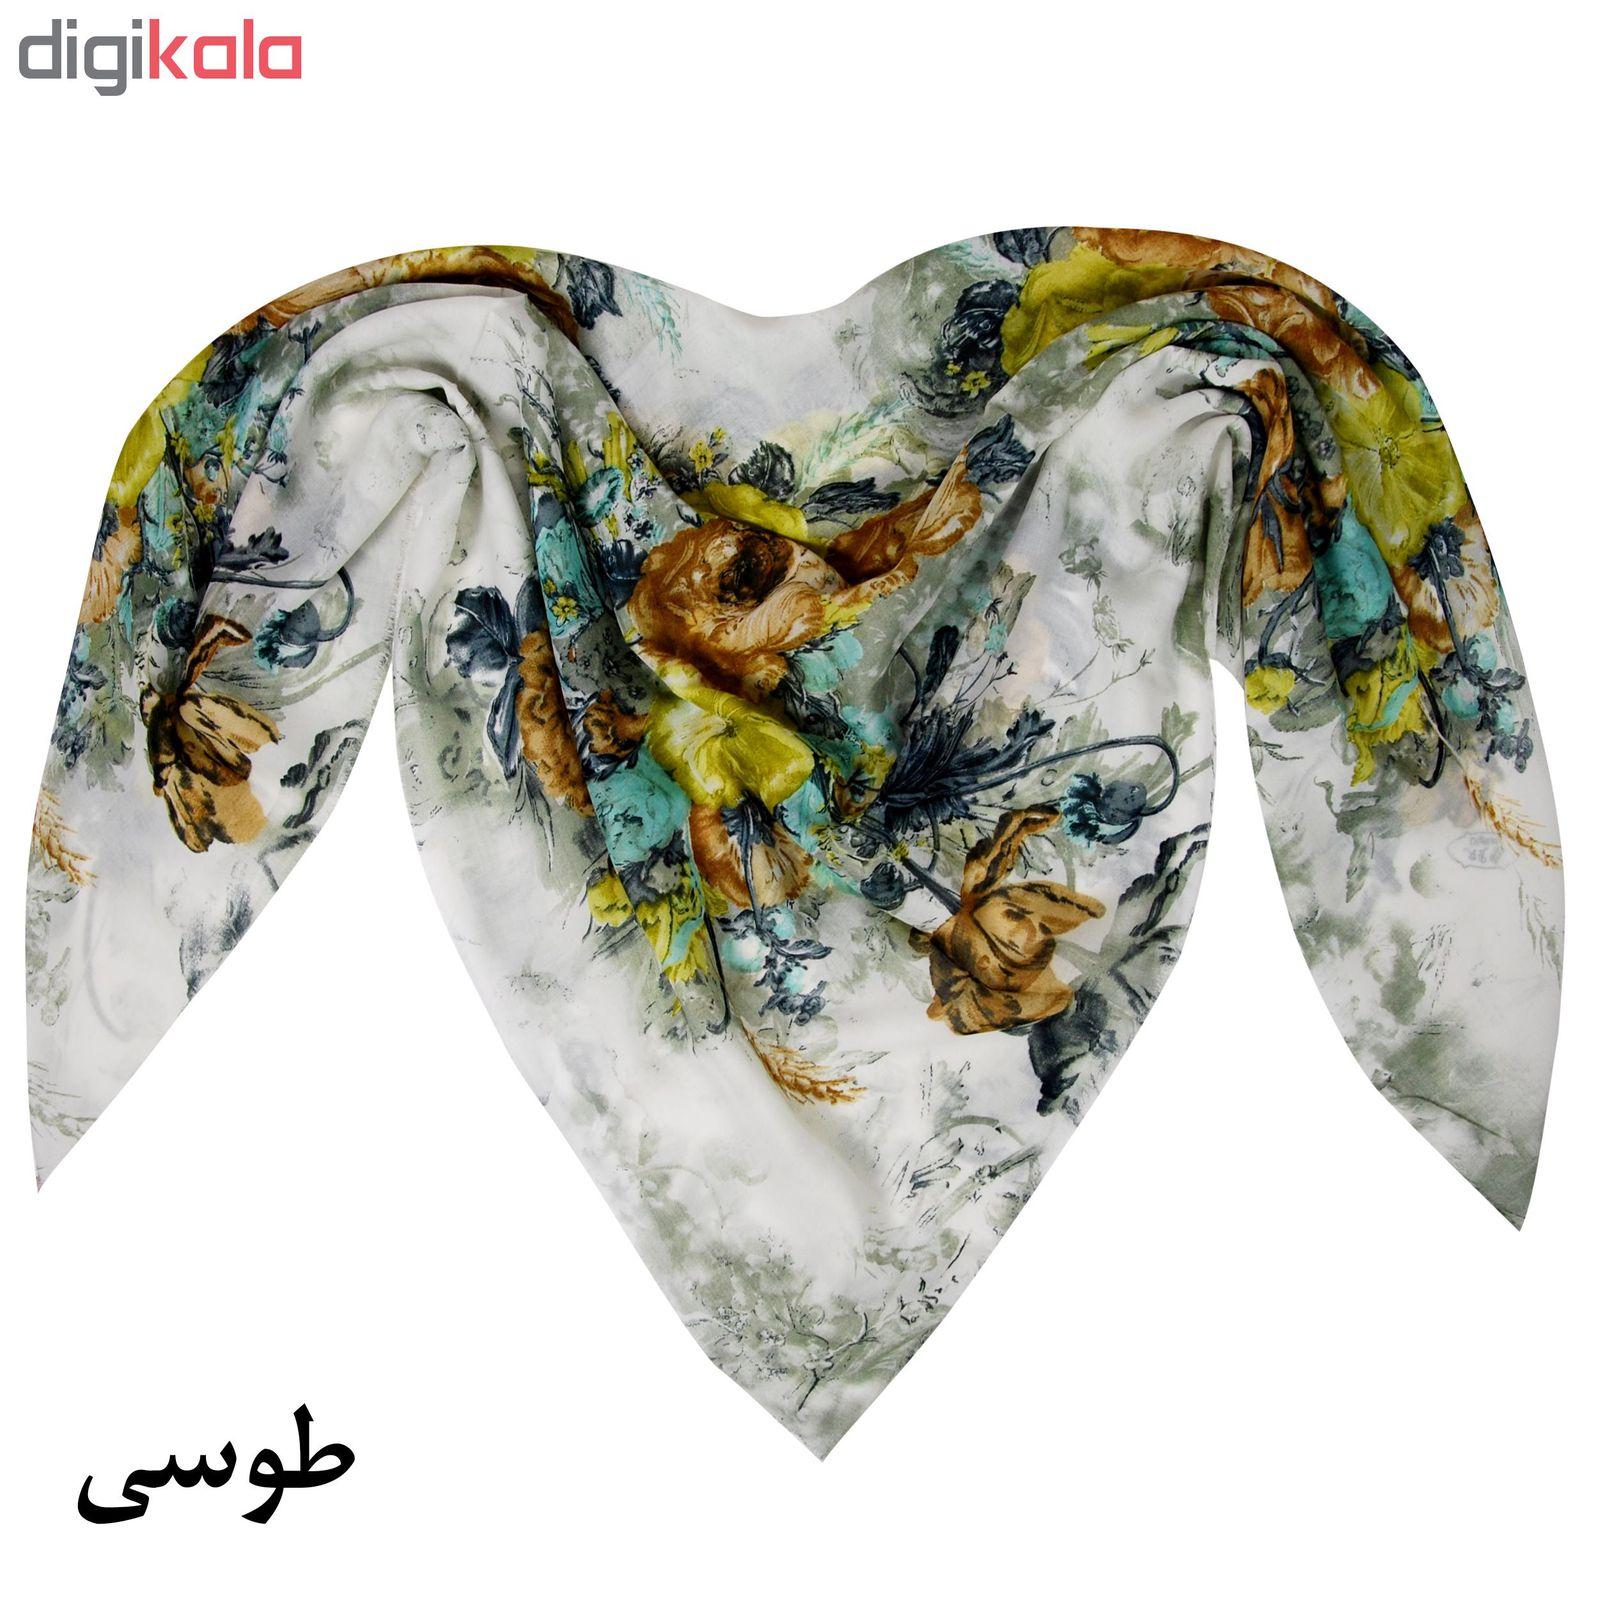 روسری زنانه مدل 3098 main 1 3